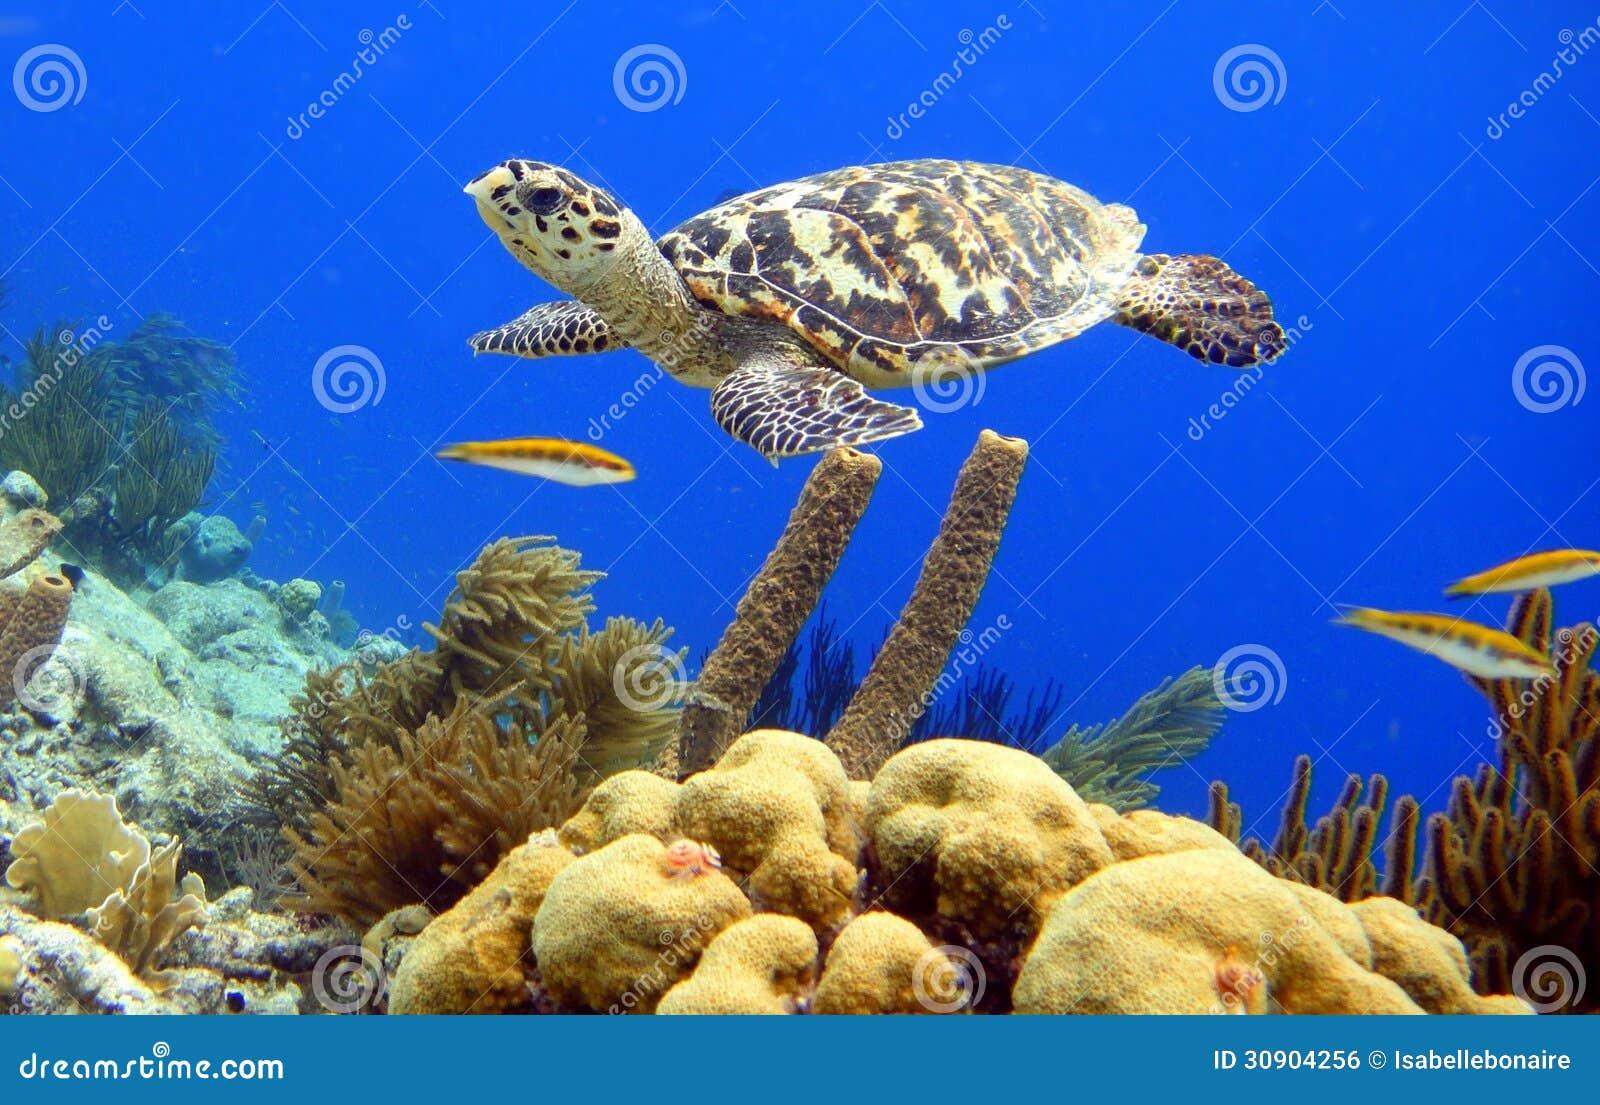 Hawksbill żółw